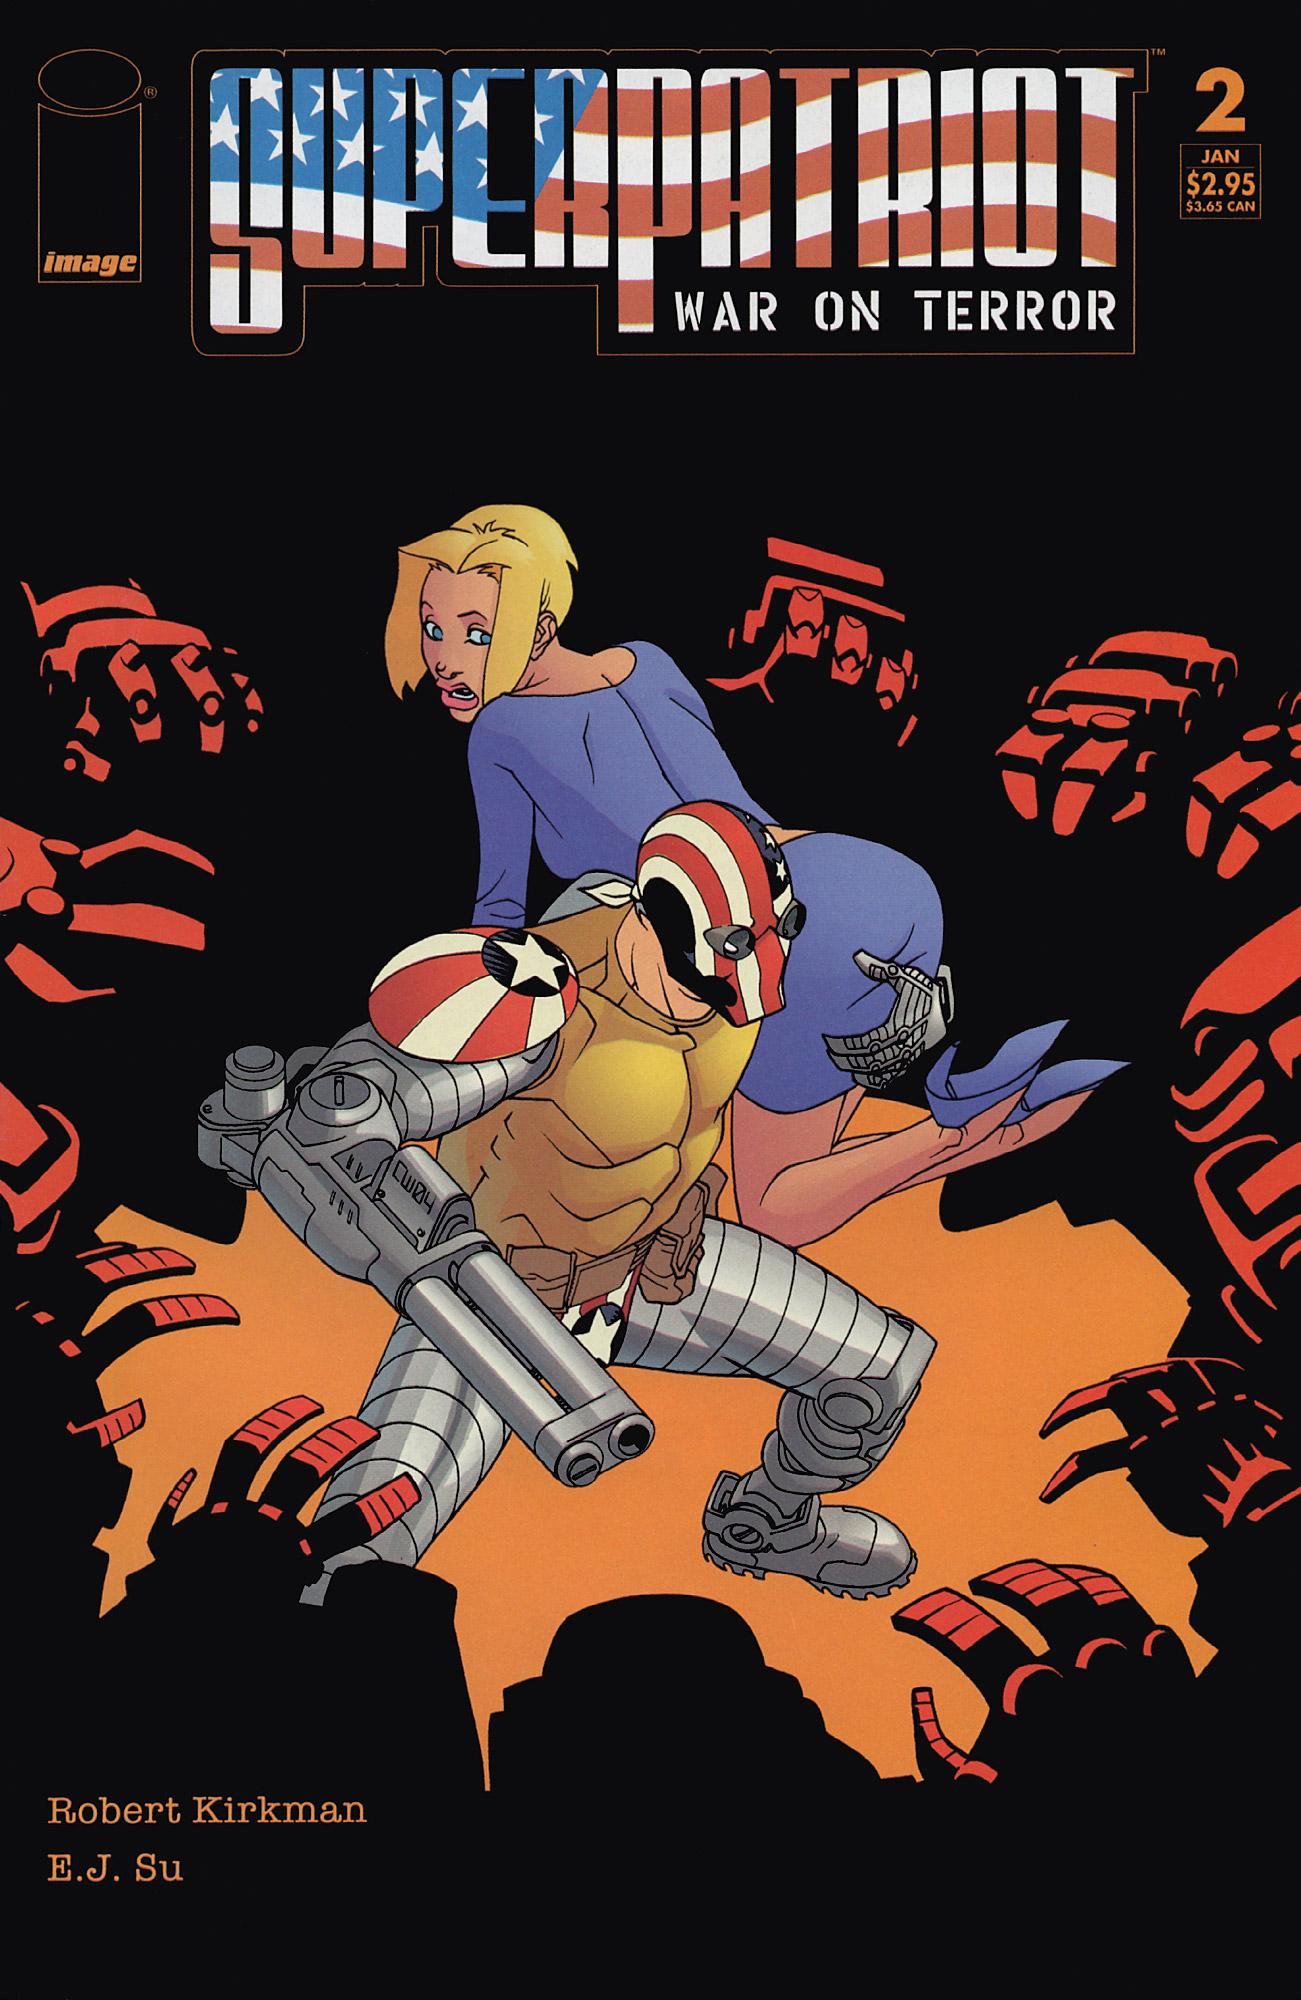 Cover SuperPatriot Vol.4 #2